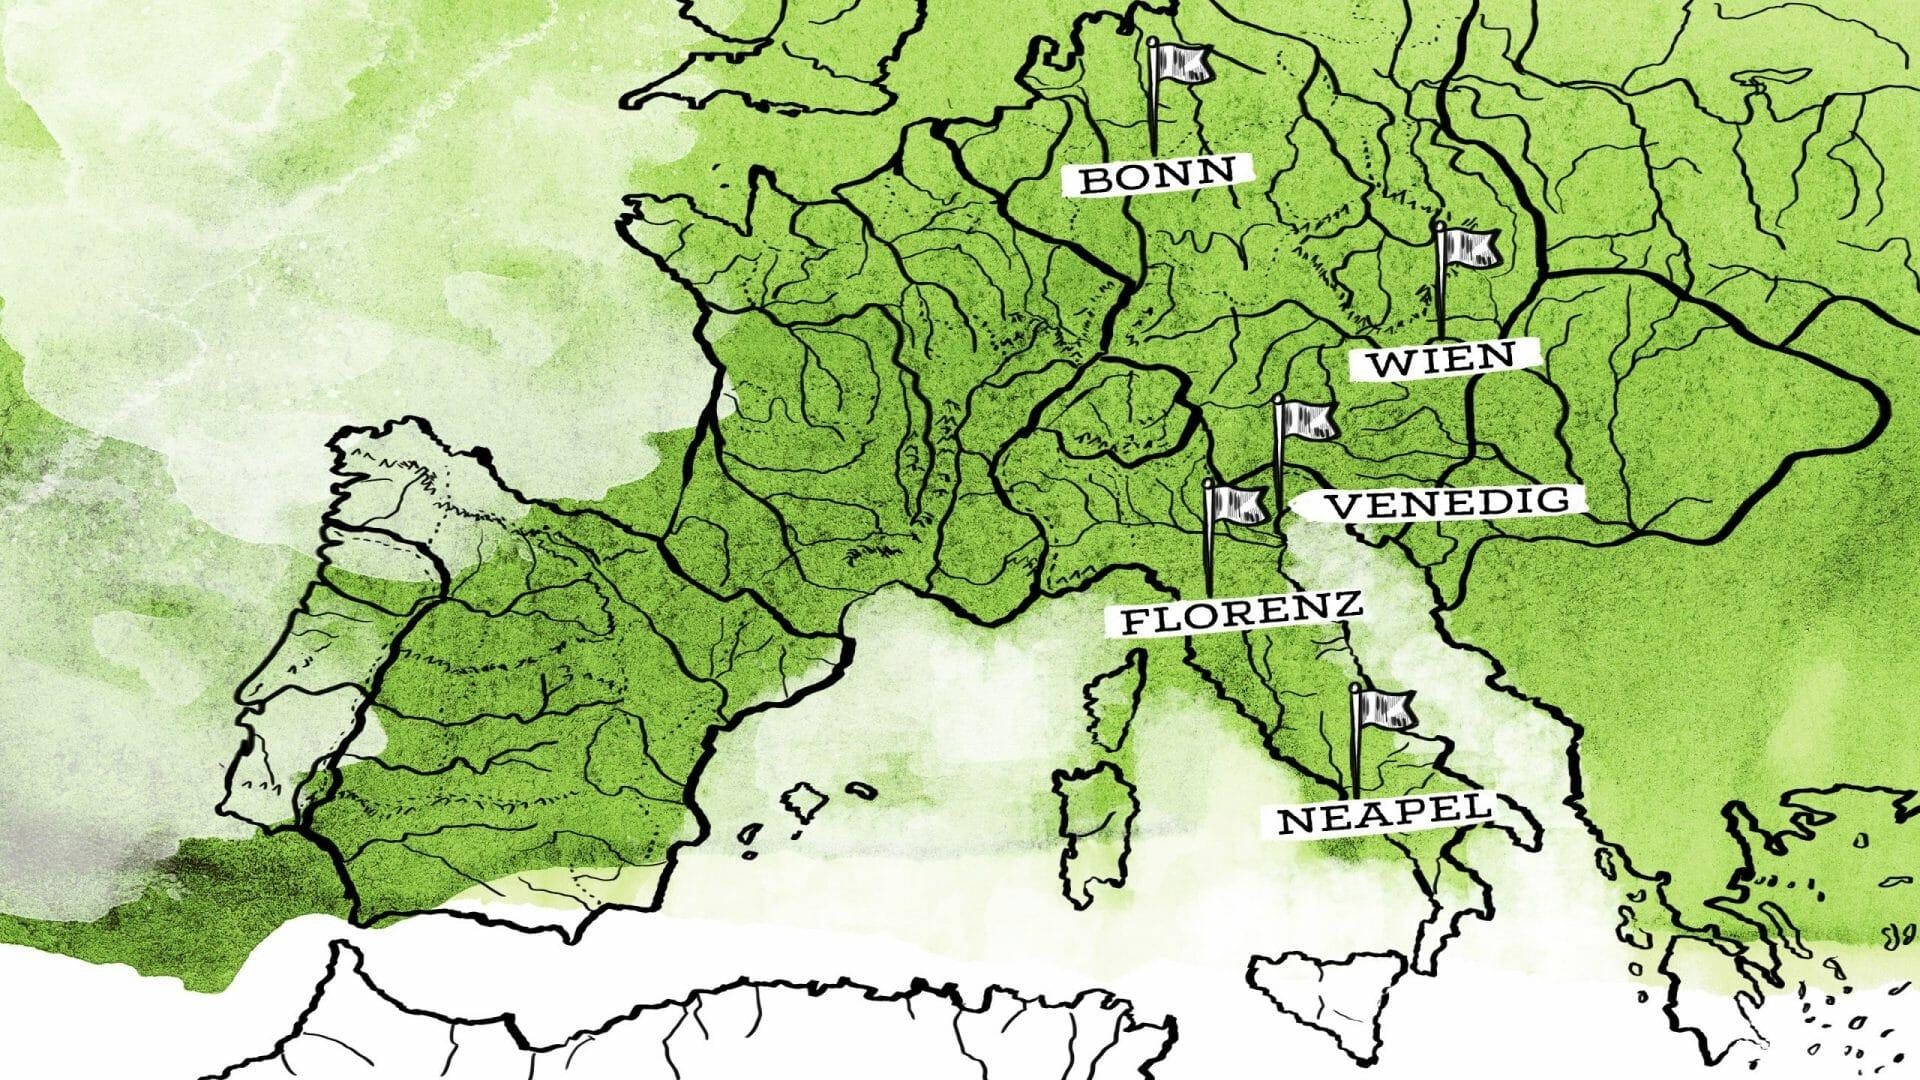 Auf einer Karte von Mitteleuropa sind die Orte Bonn, Wien, Venedig, FLorenz und Neapel eingezeichnet.